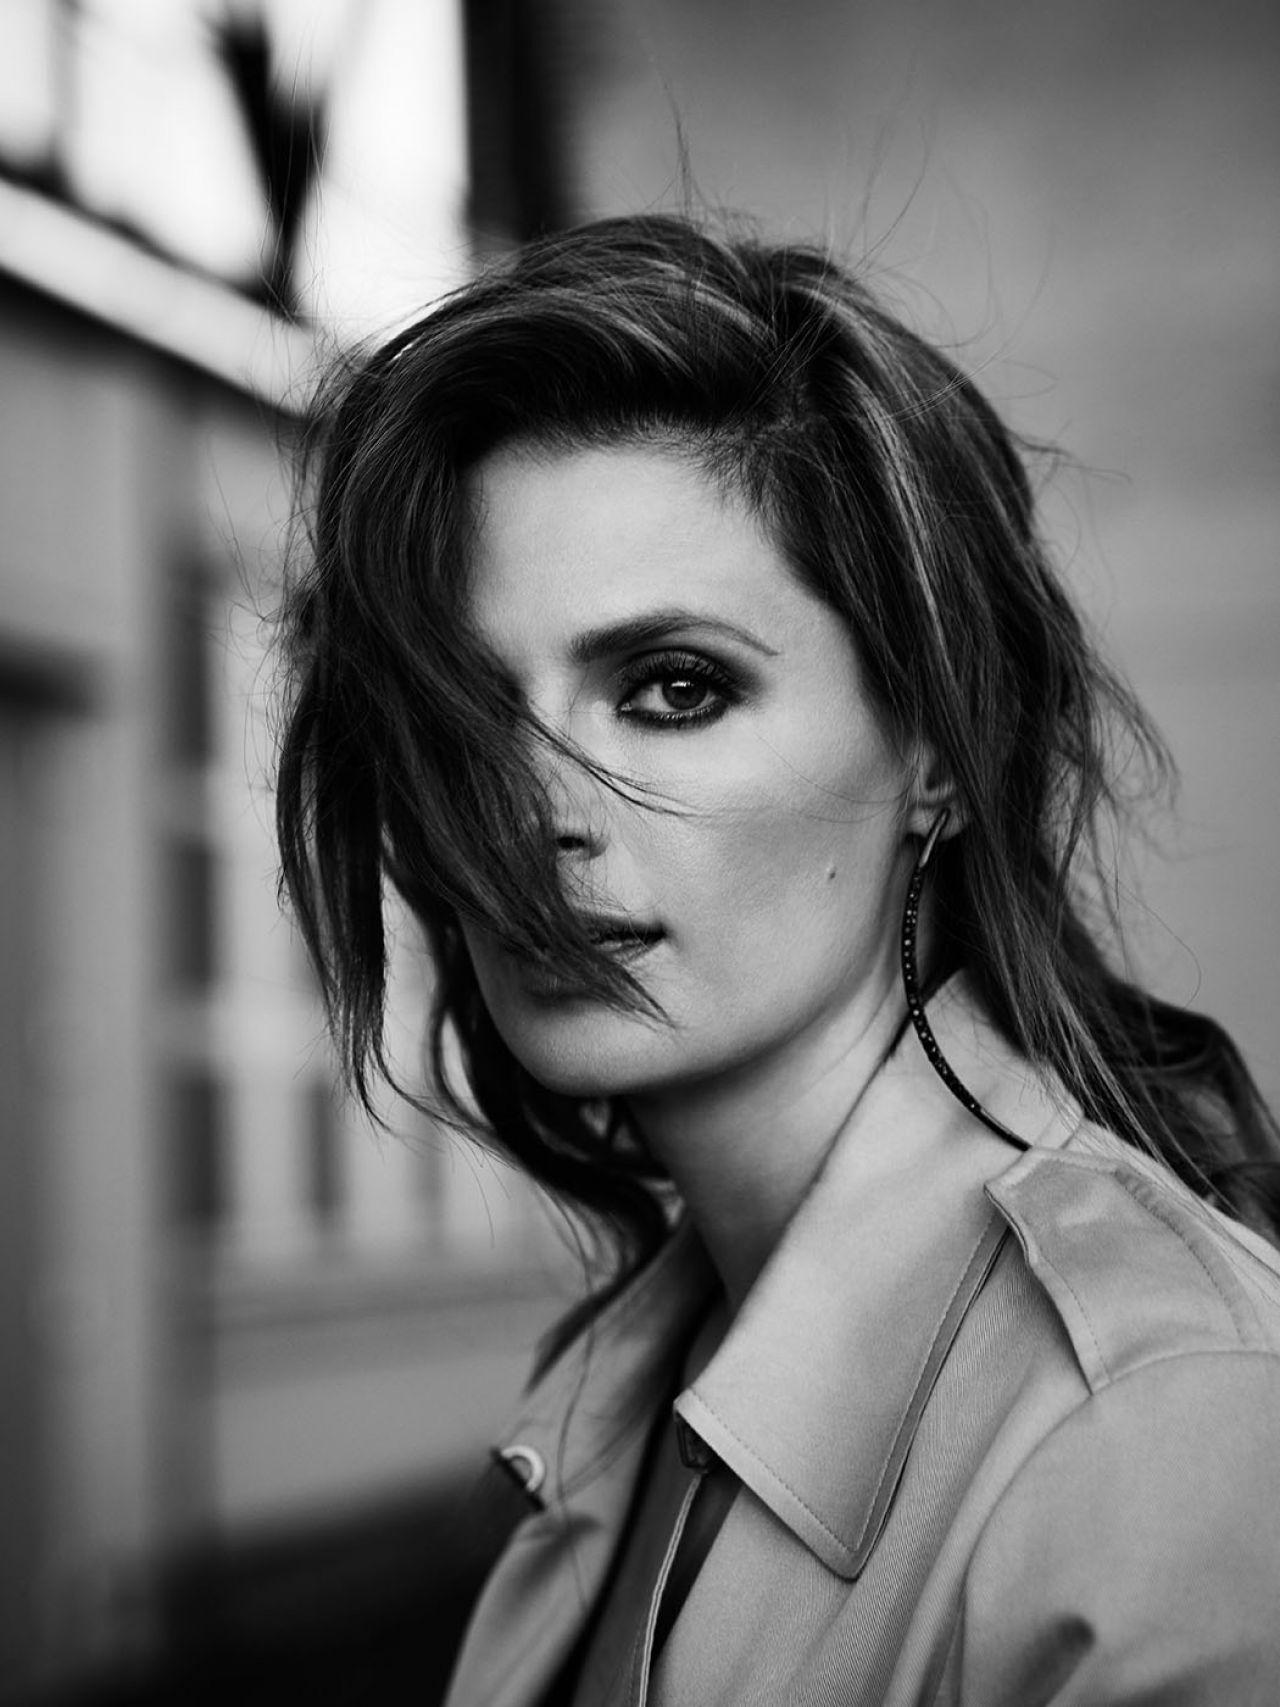 Stana Katic - Photoshoot for Imagista Magazine July 2019